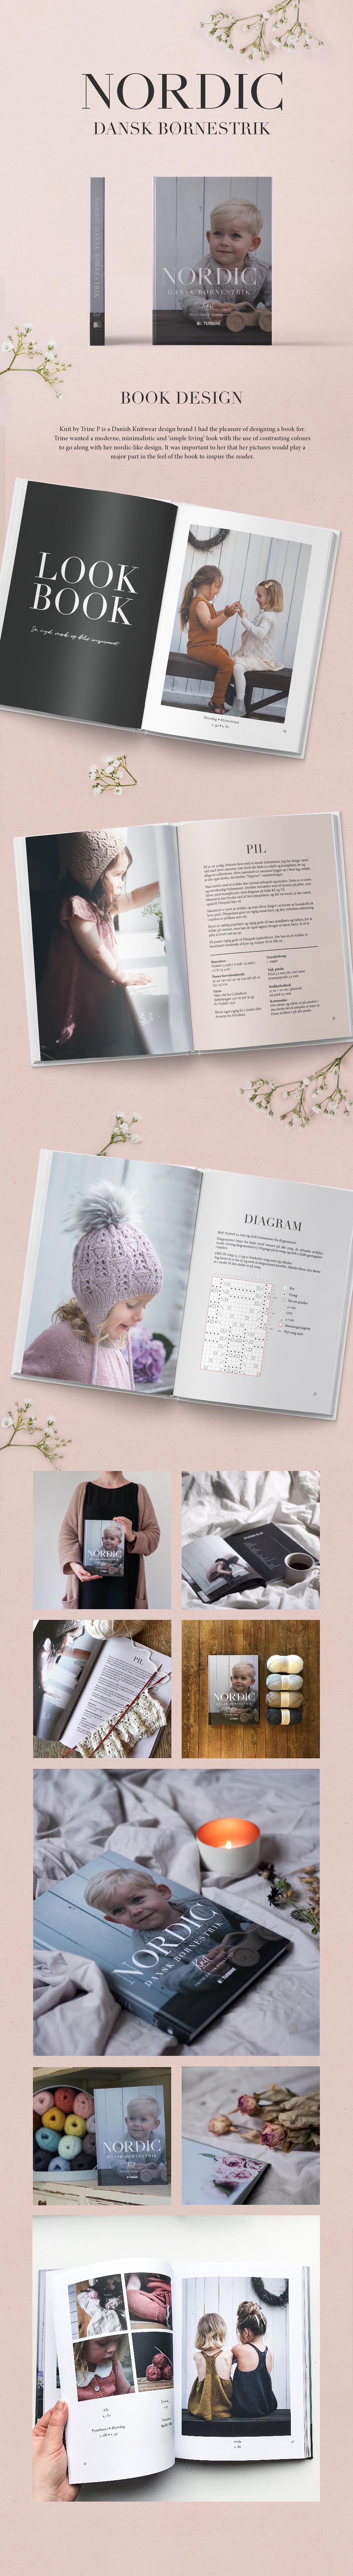 Print Book Design Nordic Dansk Børnestrik On Behance